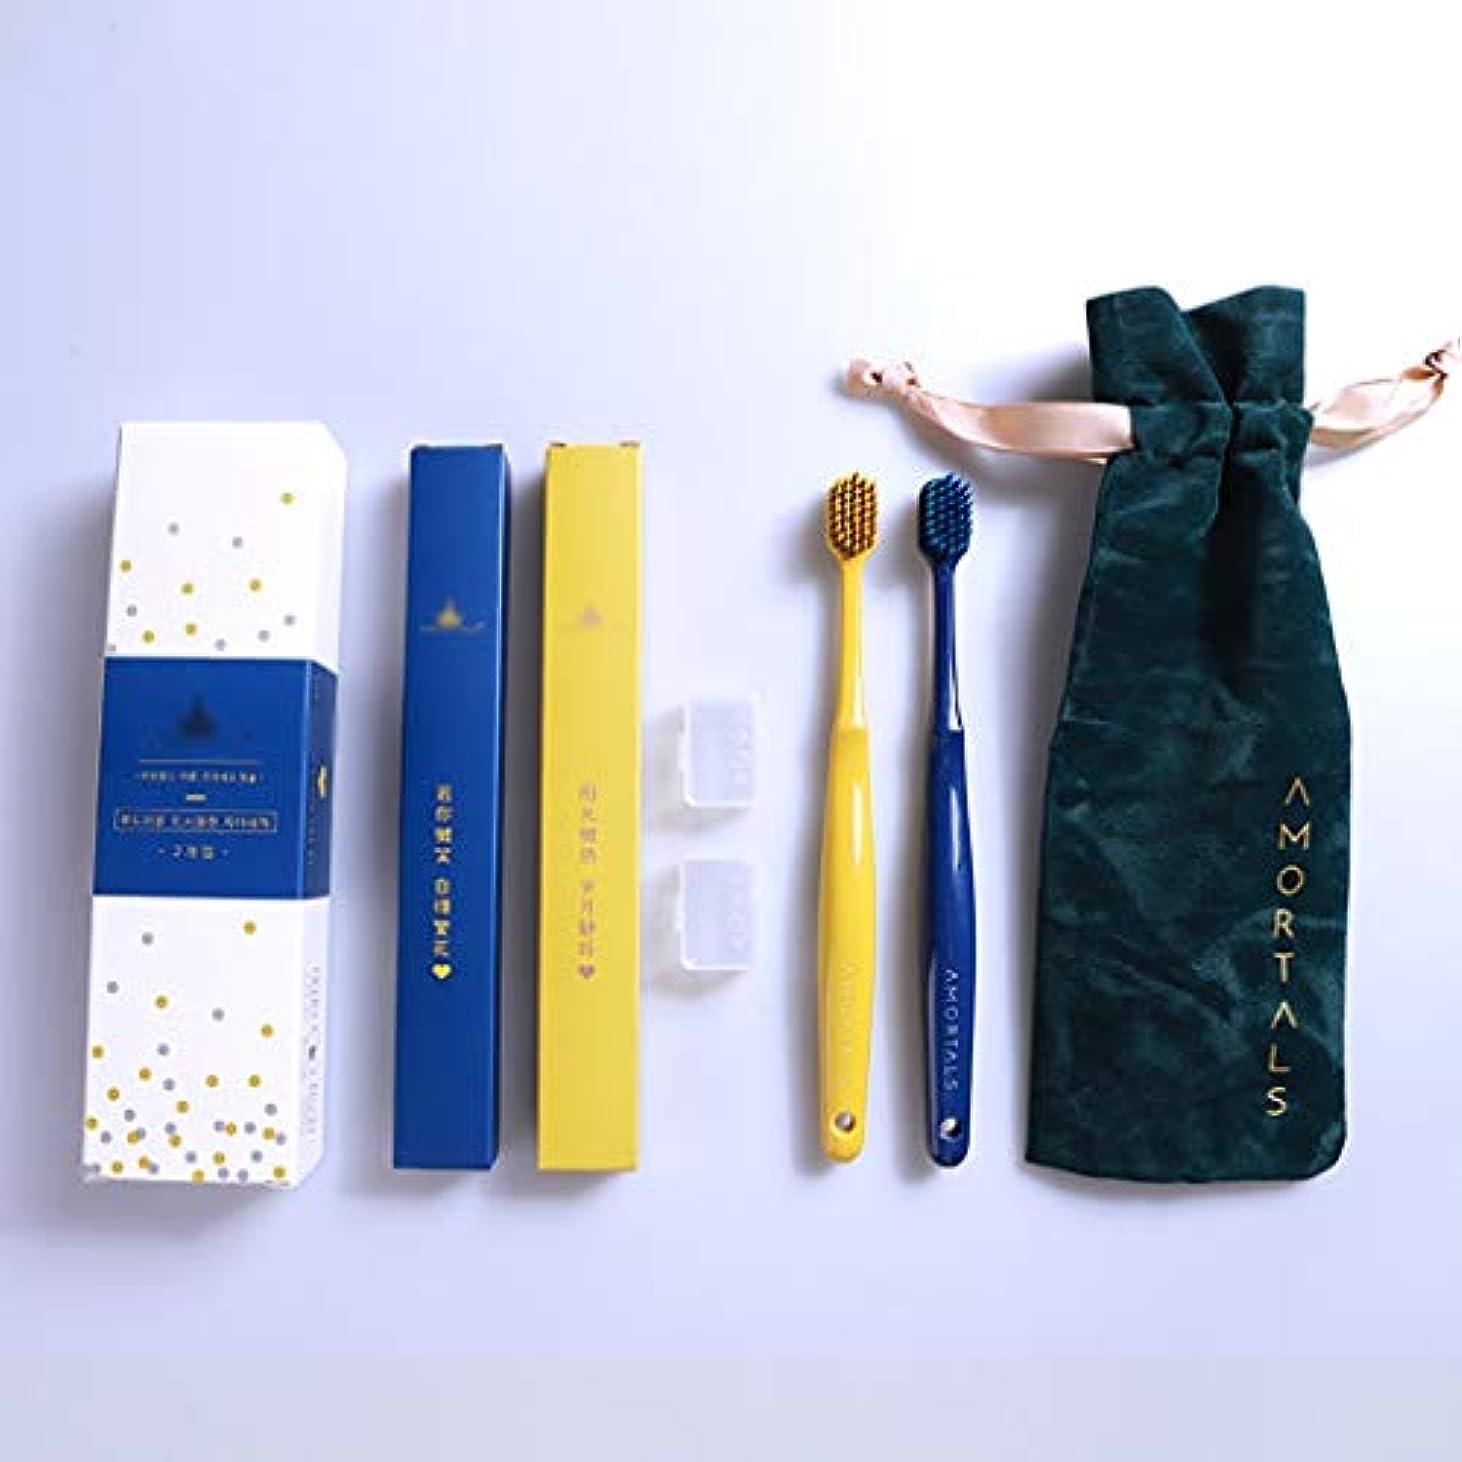 租界しなやかなシロナガスクジラガムの効率的な洗浄及び保護のための人間工学PBTブラシハンドル歯ブラシ